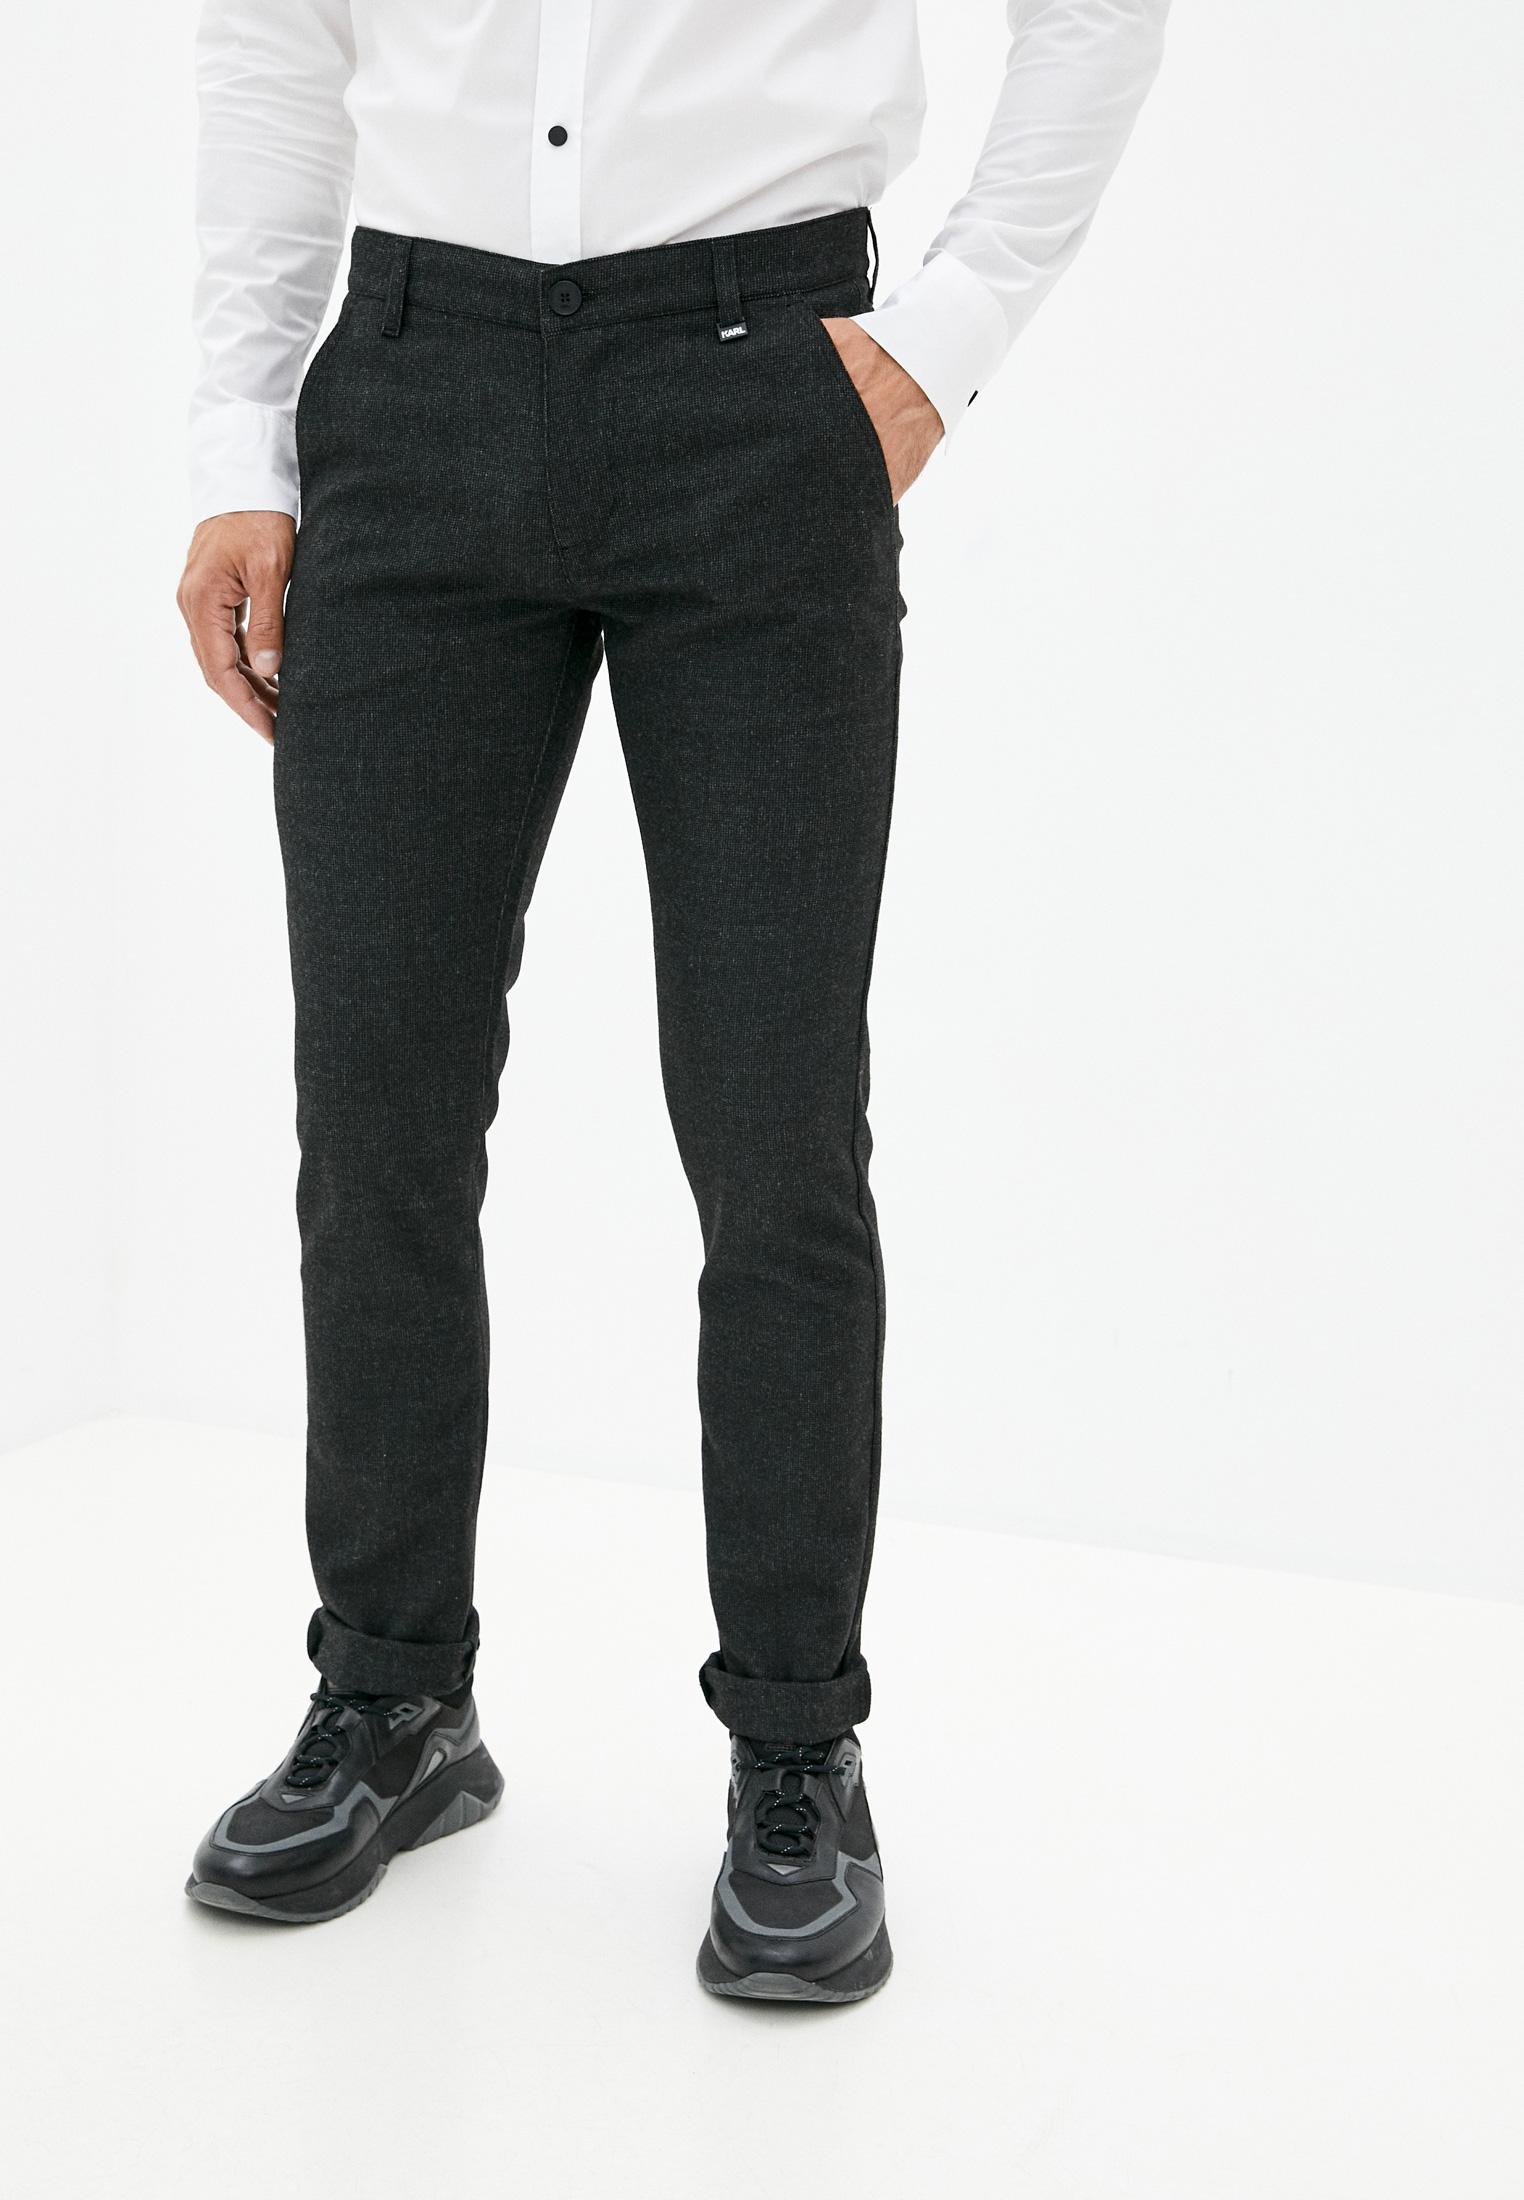 Мужские повседневные брюки Karl Lagerfeld (Карл Лагерфельд) 255835-502805